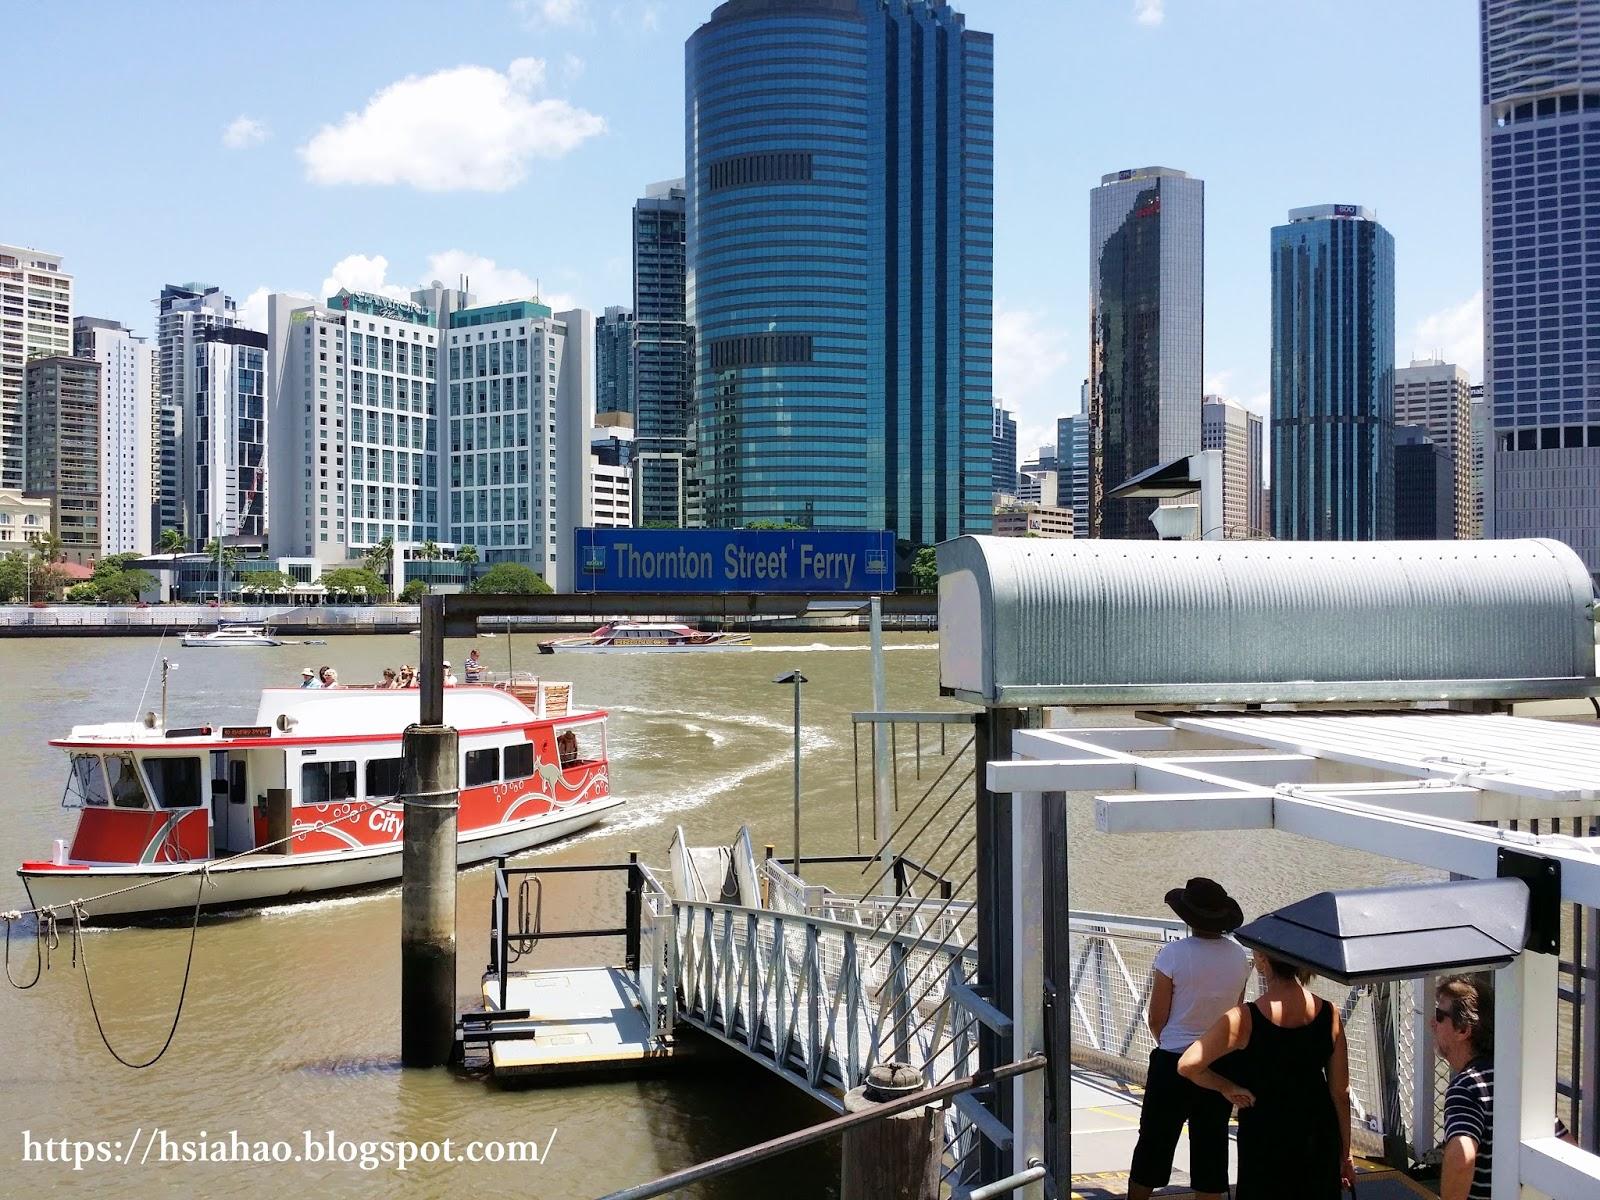 布里斯本-交通-介紹-黃金海岸-渡輪-Brisbane-Gold-Coast-Public-Transport